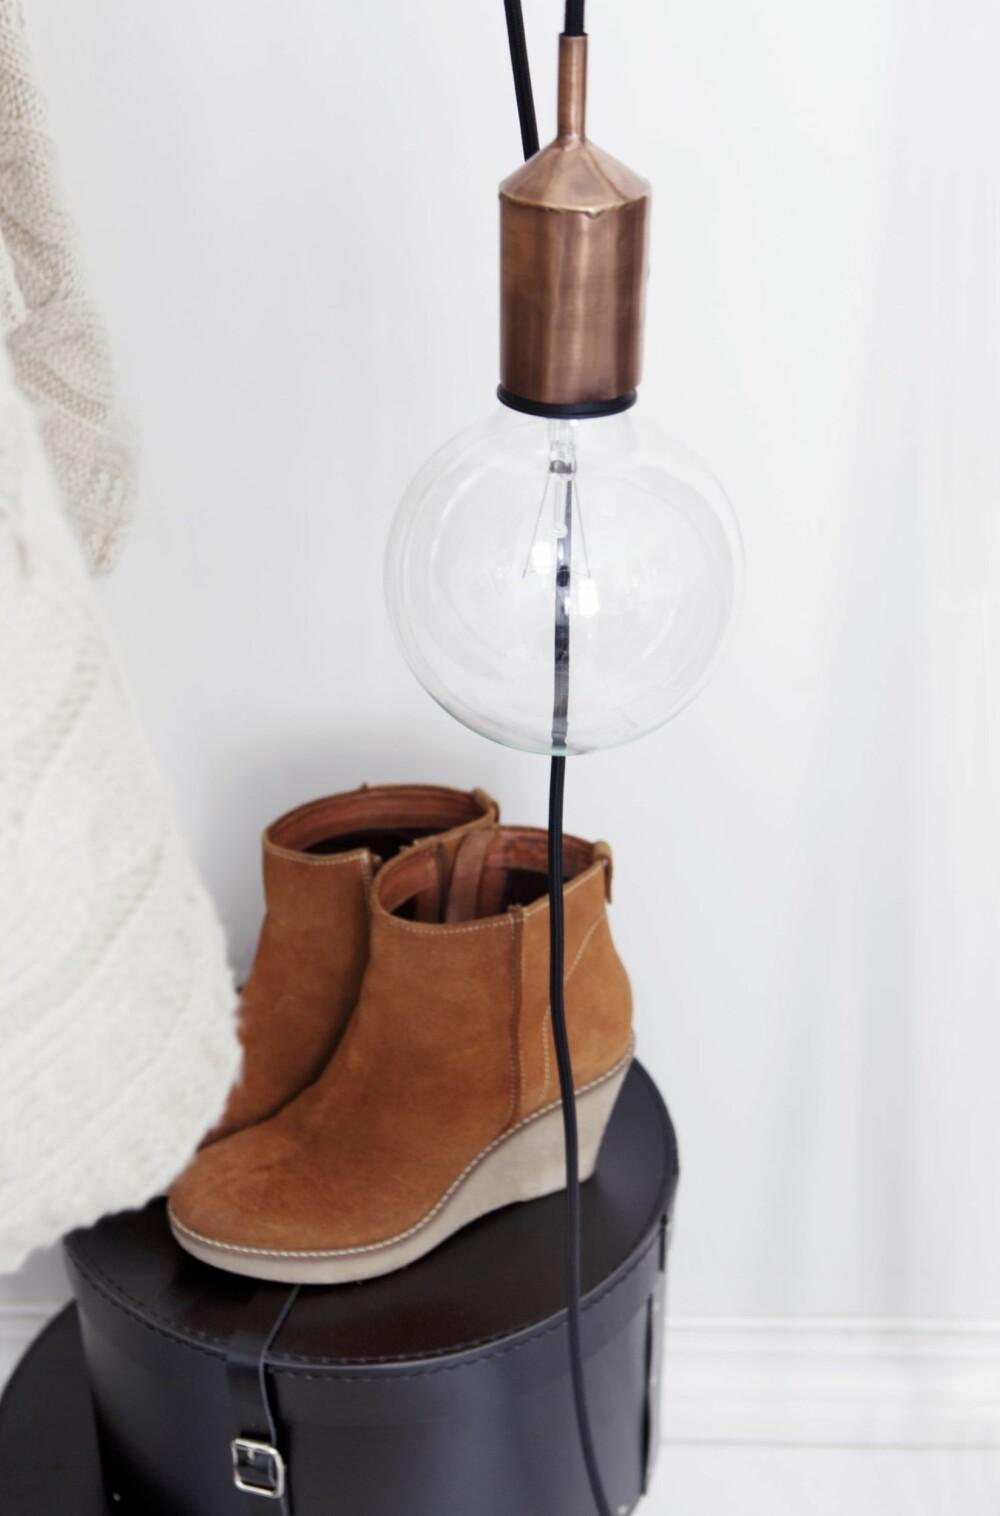 Hatteesker kan også oppbevare sko, klær eller hageutstyr du ikke bruker hele tiden. Skoene er stylistens.